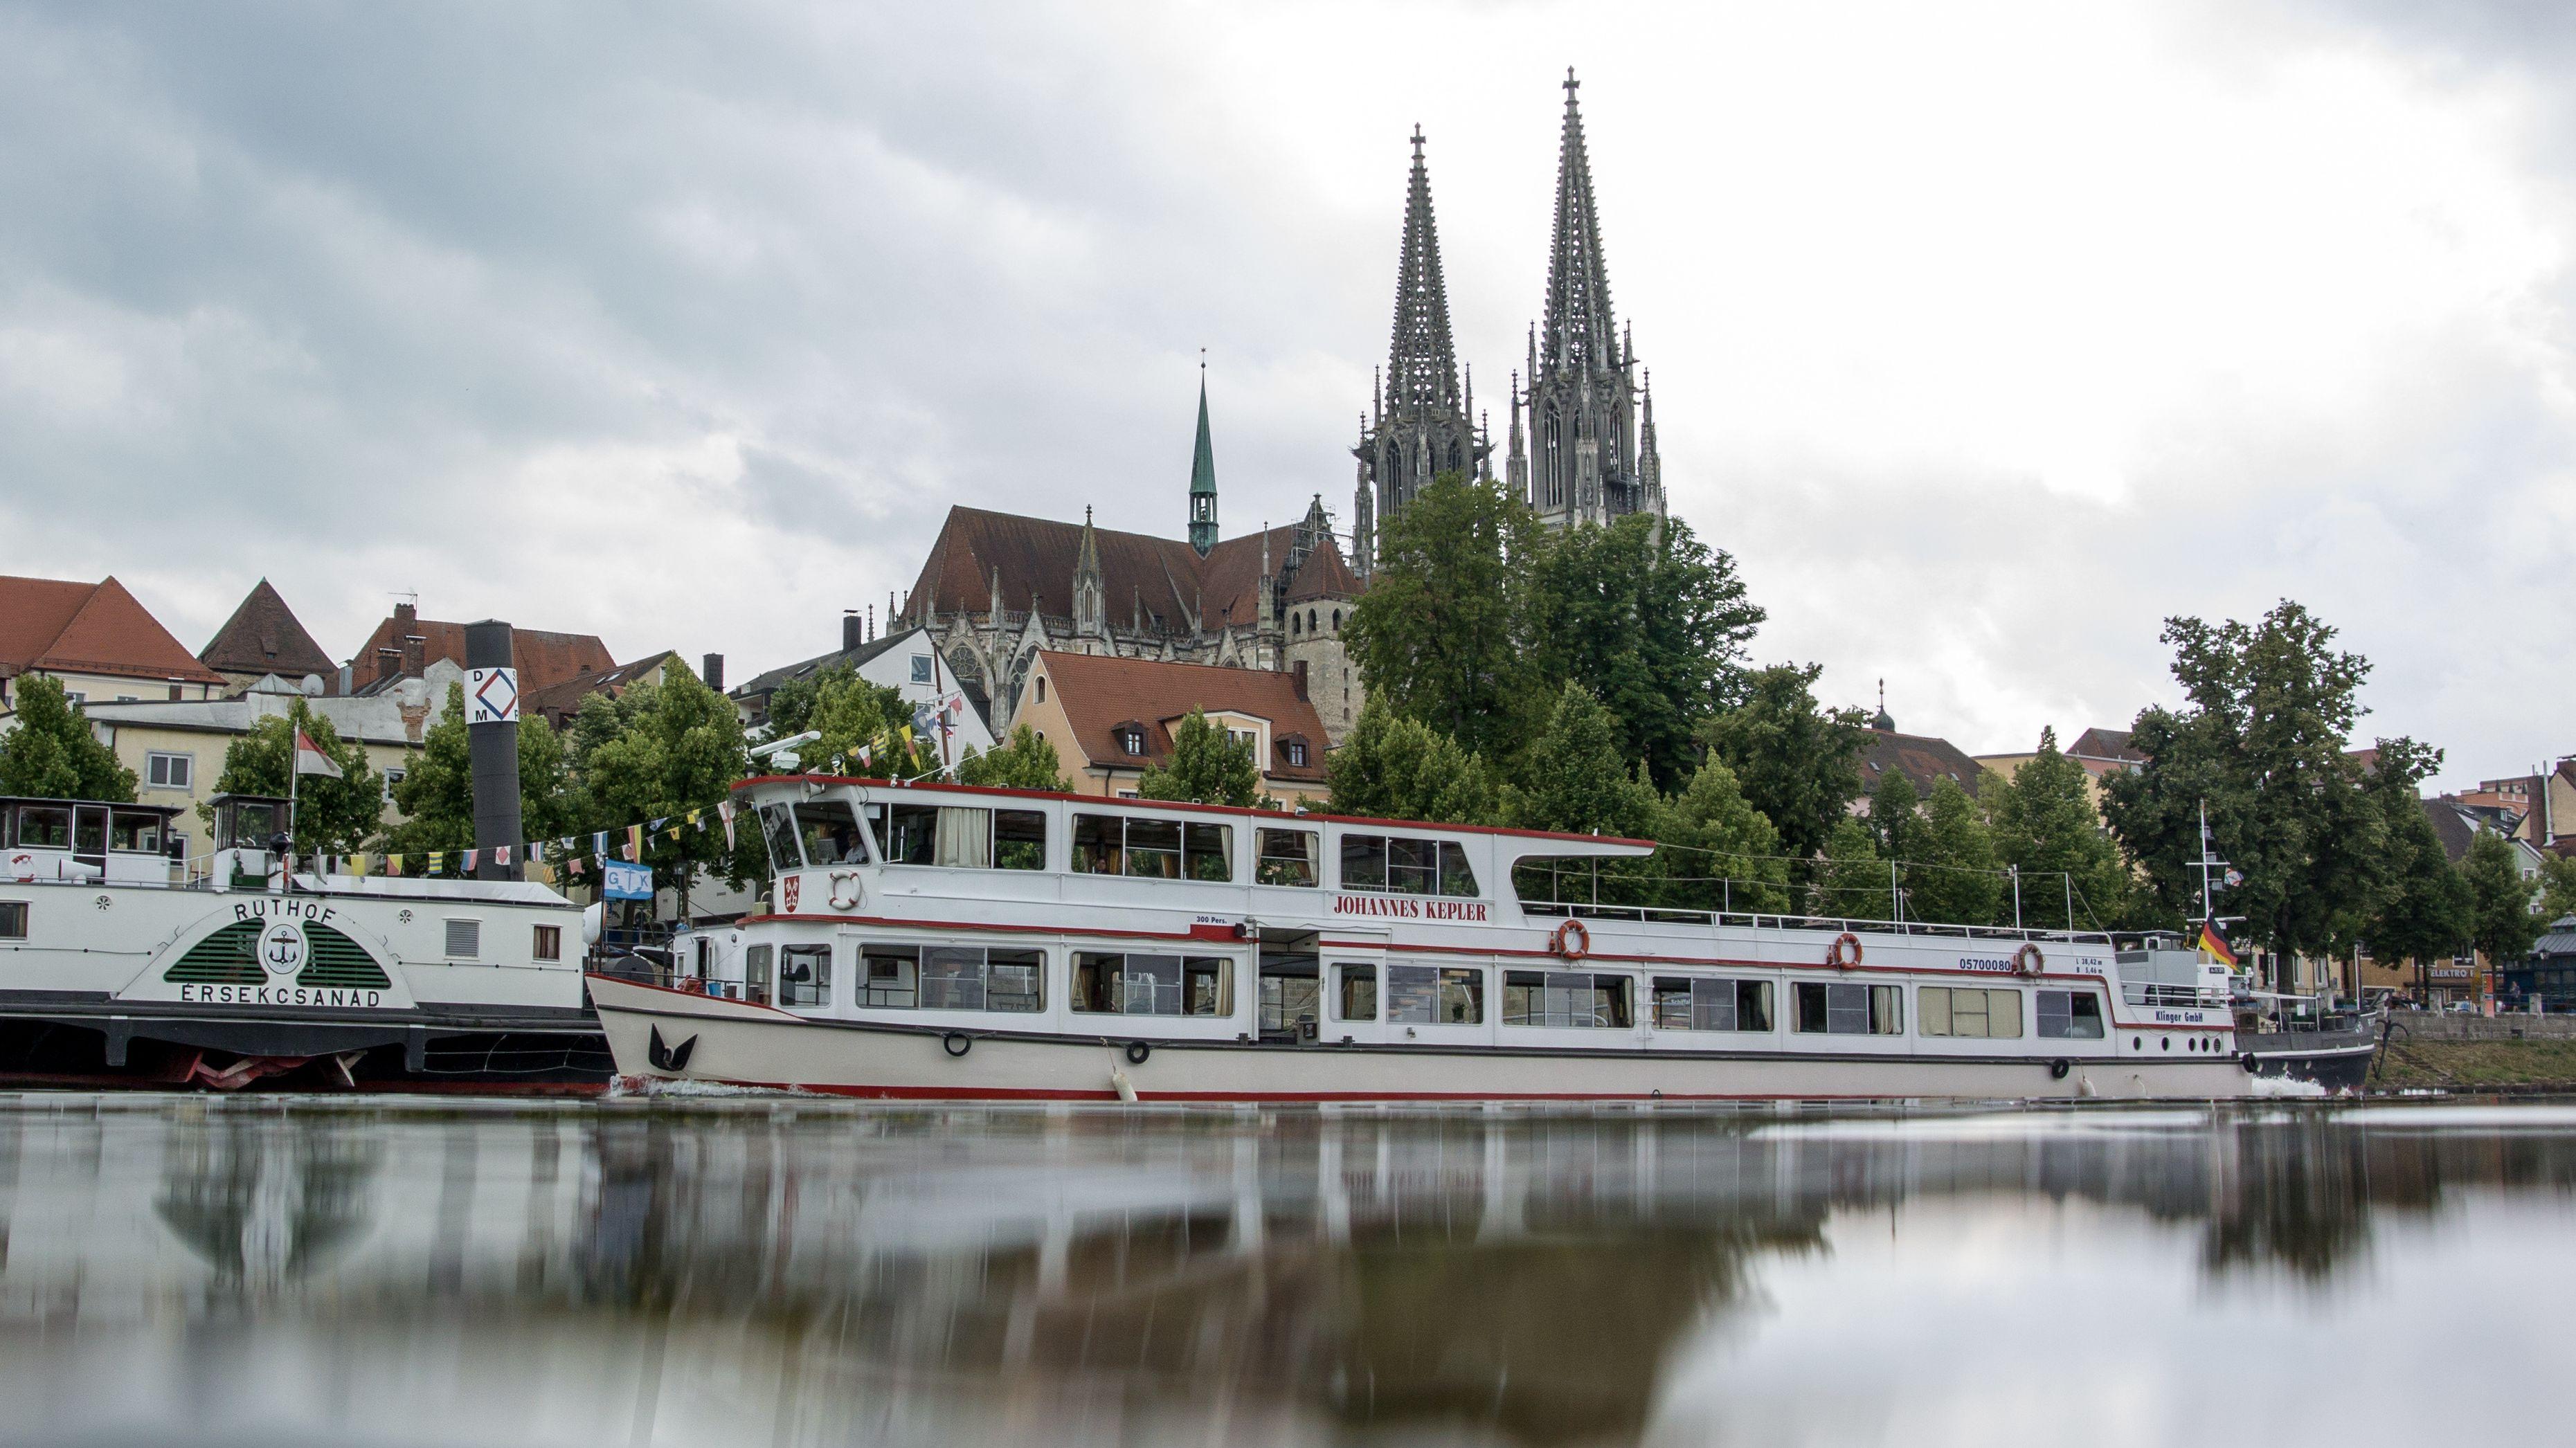 Ein Ausflugsschiff fährt auf der Donau in Regensburg